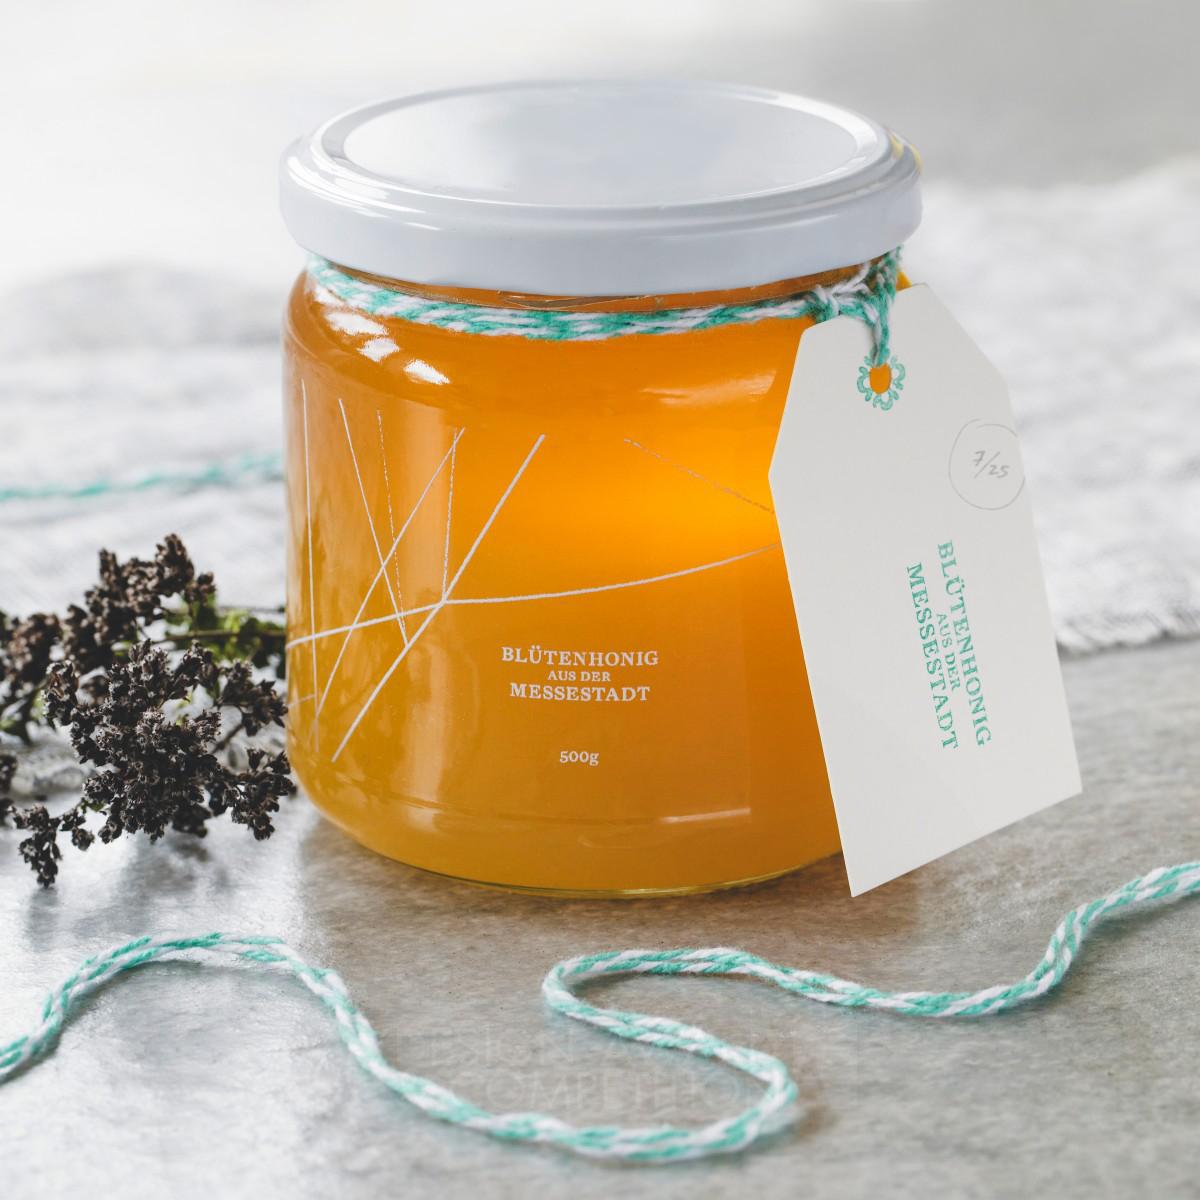 Honey of the Messestadt Packaging